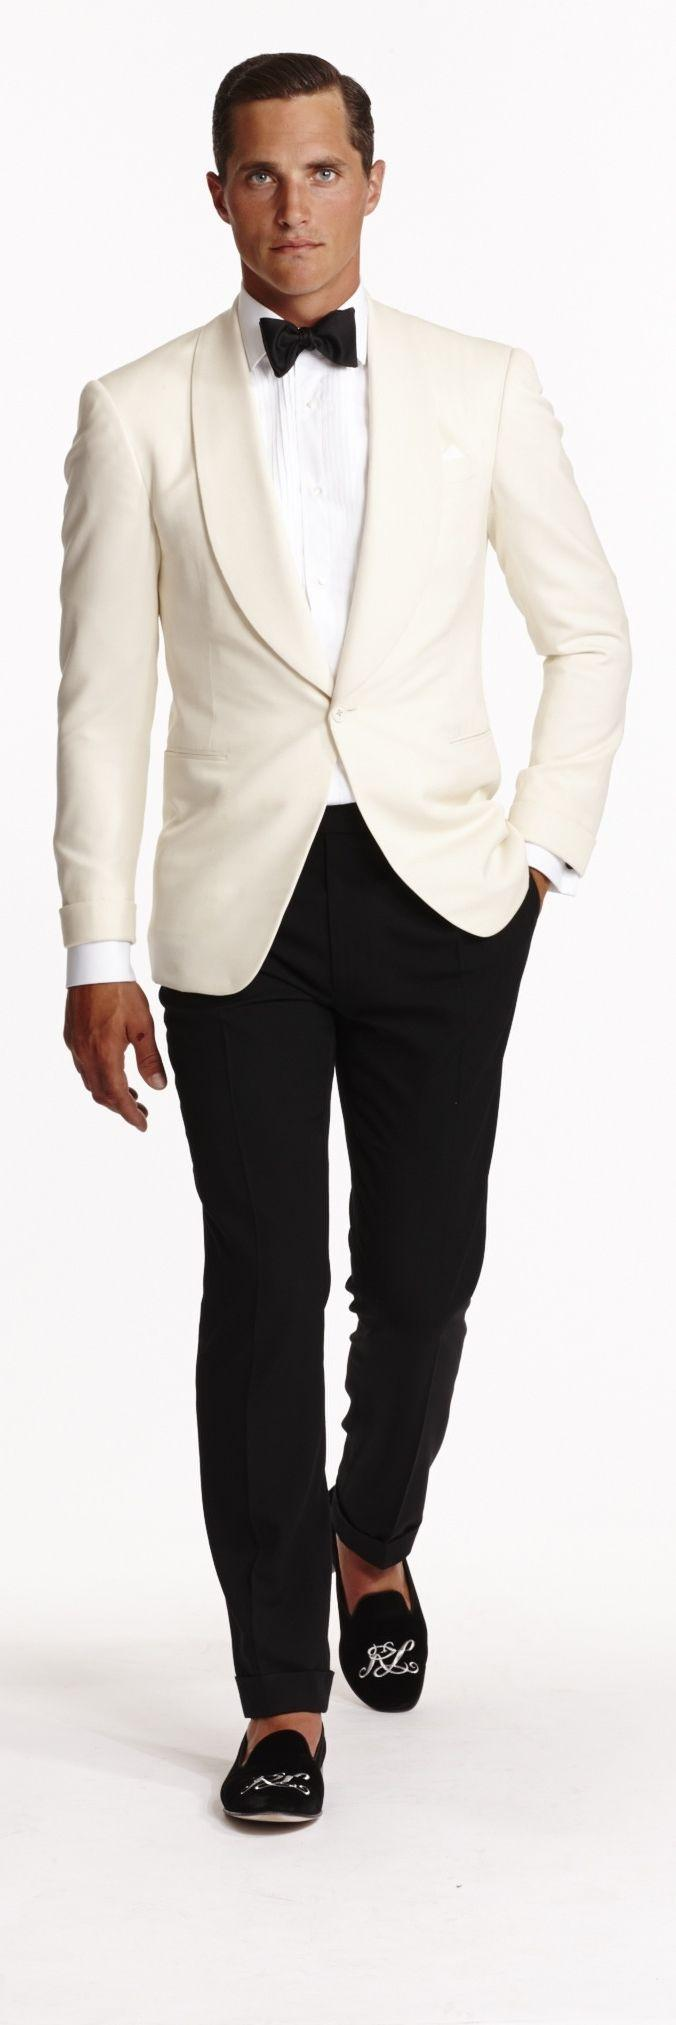 Hochzeit - Drake Shawl Dinner Jacket